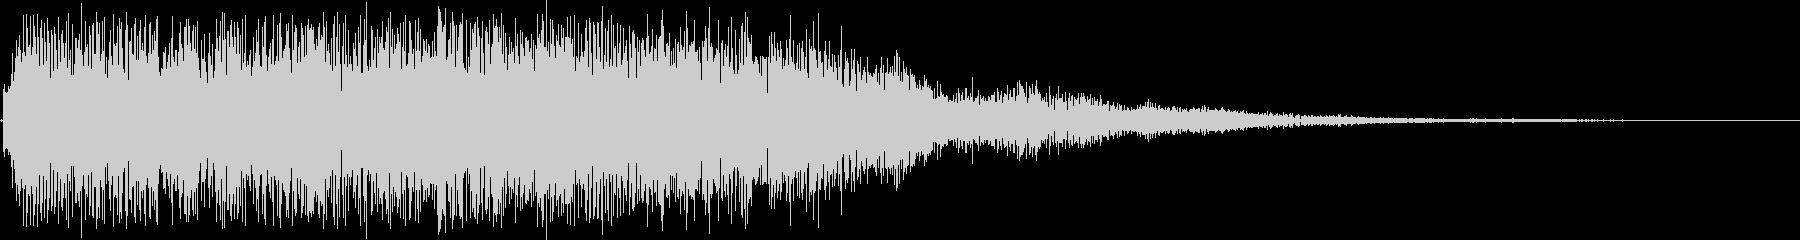 上昇系アルペジオSE (きれい 変身)の未再生の波形